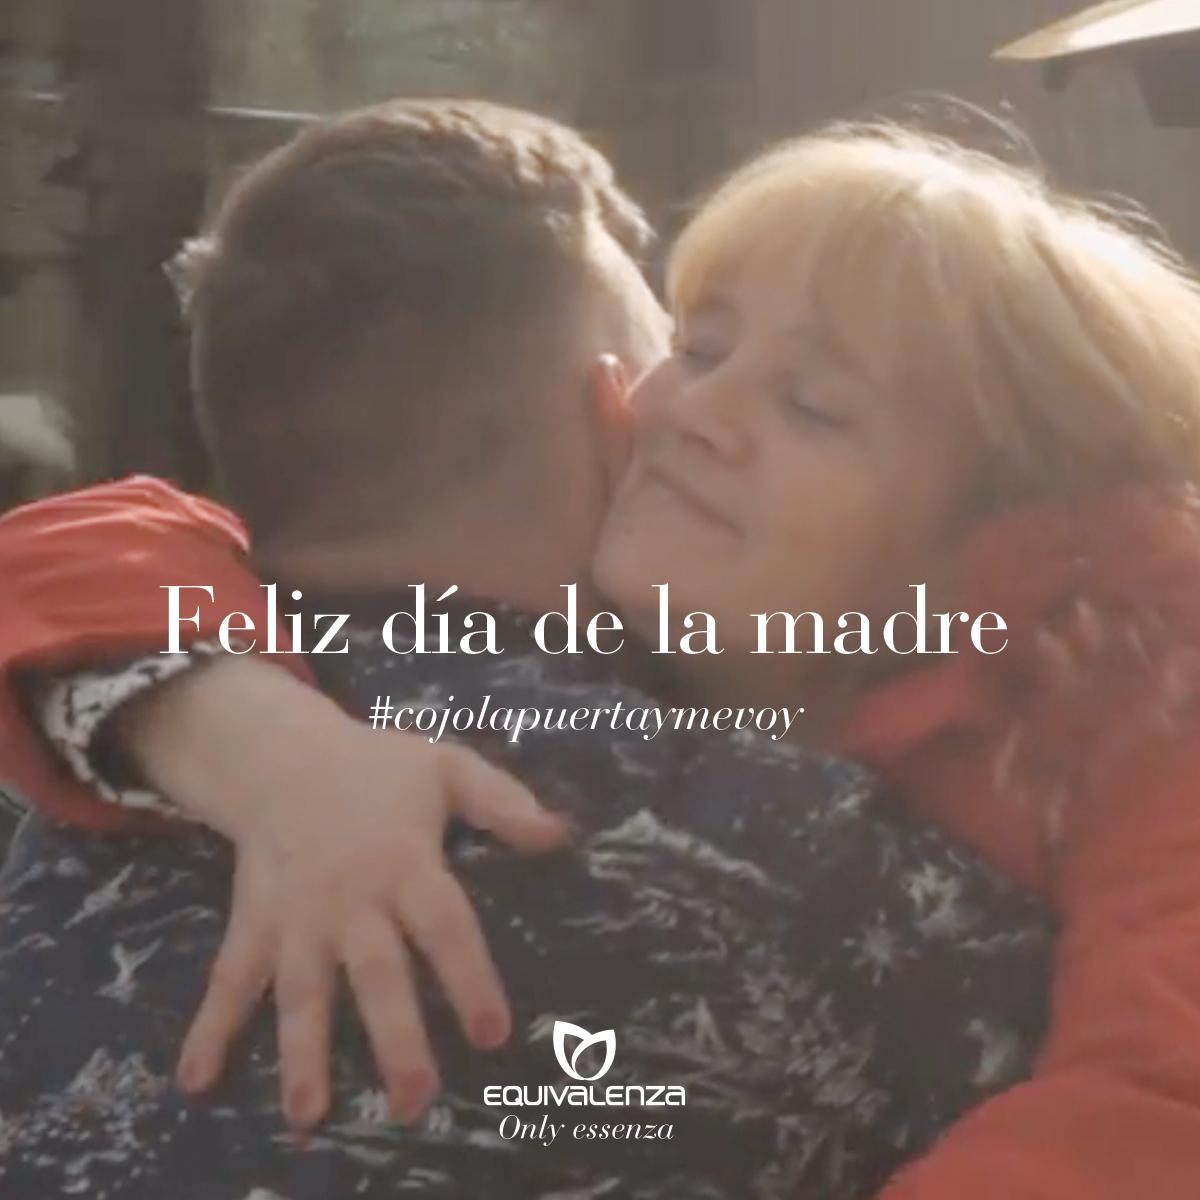 Llega la revolución de las madres – #cojolapuertaymevoy